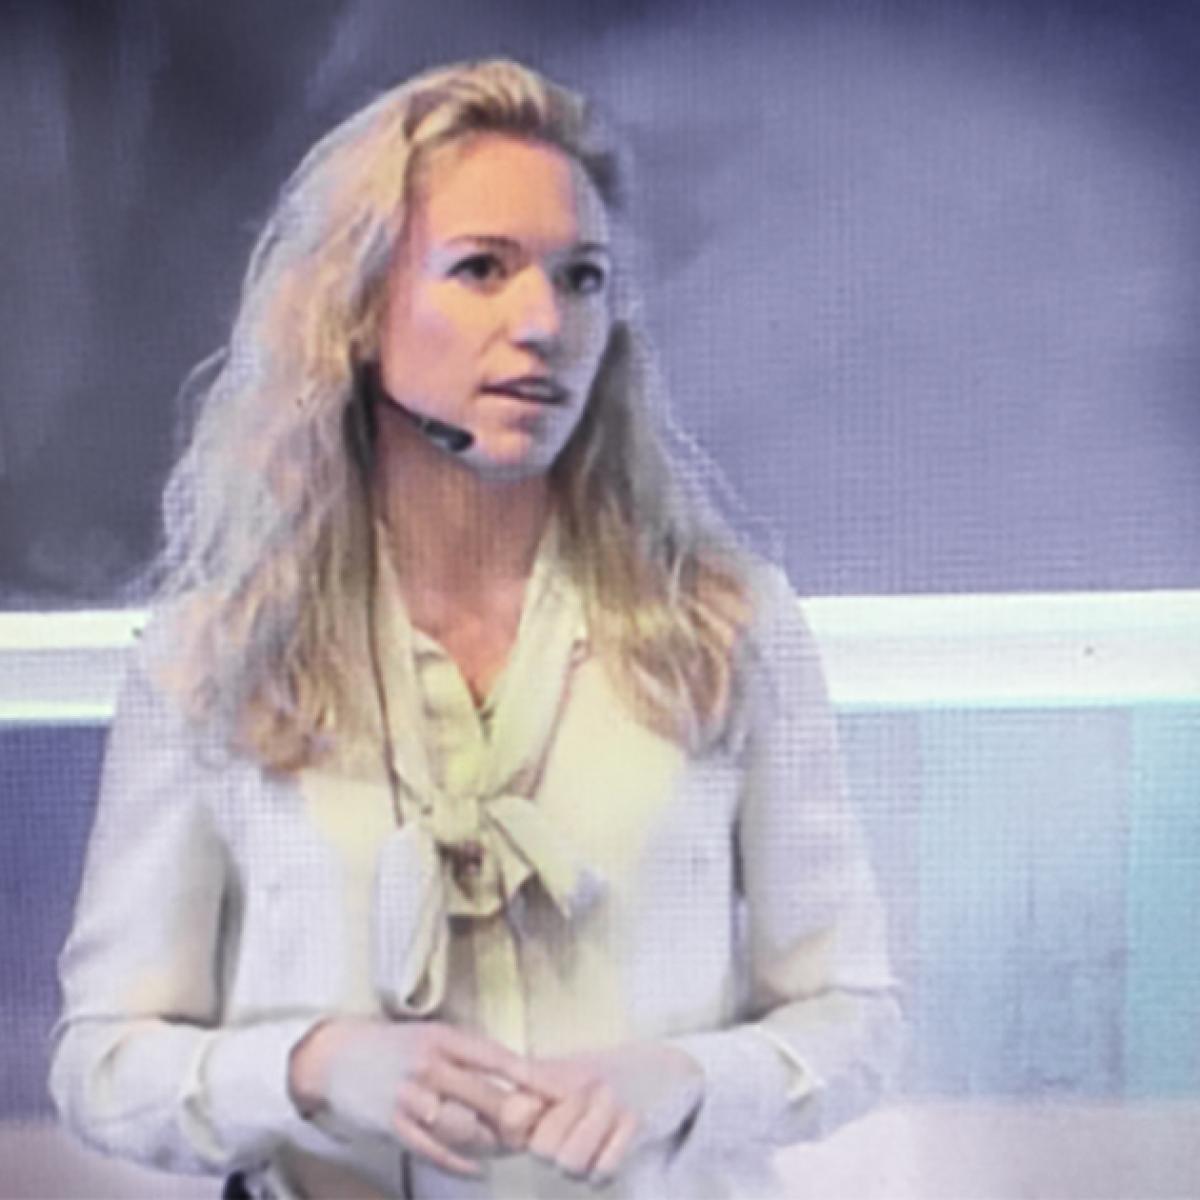 """Christina Andersson   Christina Andersson är leg. psykolog, yogalärare specialiserad på yinyoga och forskar om Compassion som en ny stresshanteringsmetod vid Karolinska Institutet.  Christina är medförfattare till den första svenska kursboken om Compassionfokuserad terapi och är ansluten vid Handelshögskolan i Stockholm där hon har genomfört ett forskningsprojekt som heter """"Compassion på jobbet"""" med fokus att studera compassion i organisationer via compassionträning för medarbetare och dess effekt på kulturen där vi fick spännande resultat som jag brukar föreläsa om.  Hon är en av grundarna till forskningscentret Centrum för social hållbarhet (CSS) vid Karolinska Institutet och sitter i styrelsen för Stiftelsen Ekskäret.  Christina ansvarar för en halvdagsutbildning i compassion under grundutbildningen.   www.compassionlifestyle.se"""